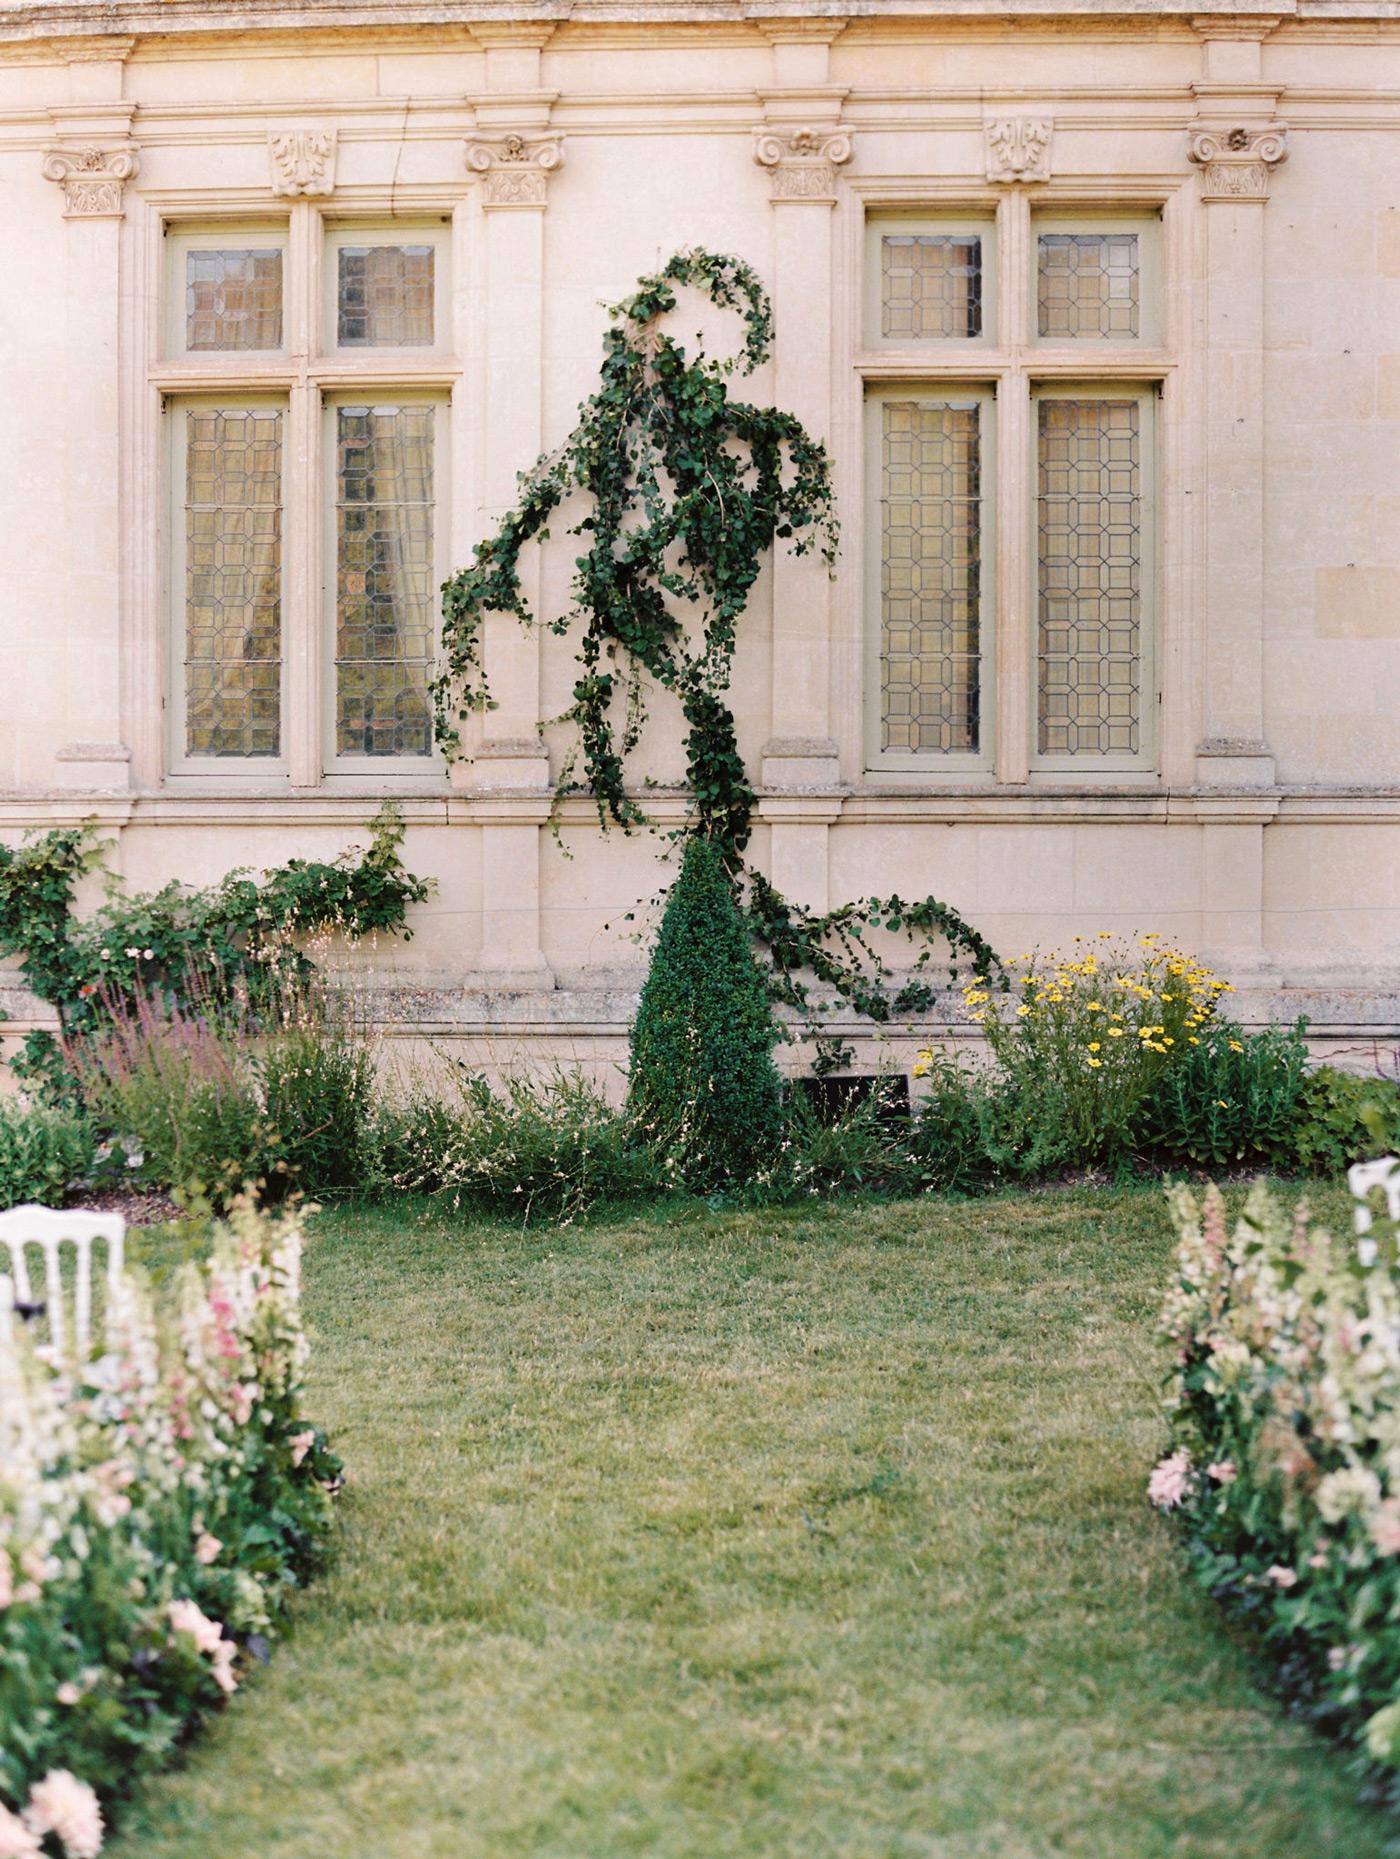 outdoor wedding space green vine growing up building